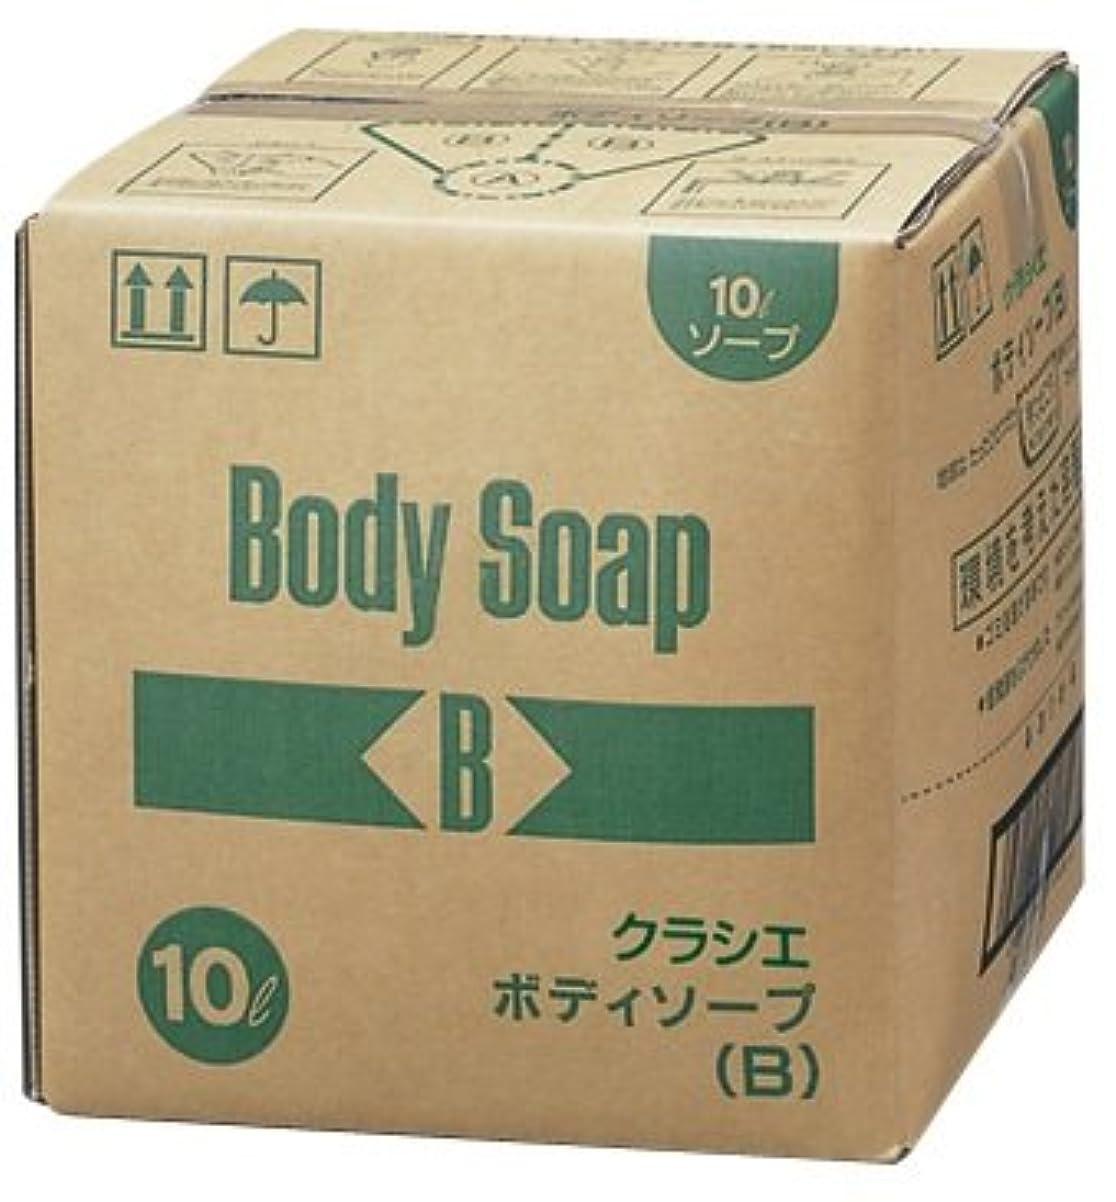 下線ショット外交問題kracie(クラシエ) Bシリーズ ボディソープ 石鹸タイプ フレッシュグリーンの香り 10L 業務用 家庭様向け 容器3本